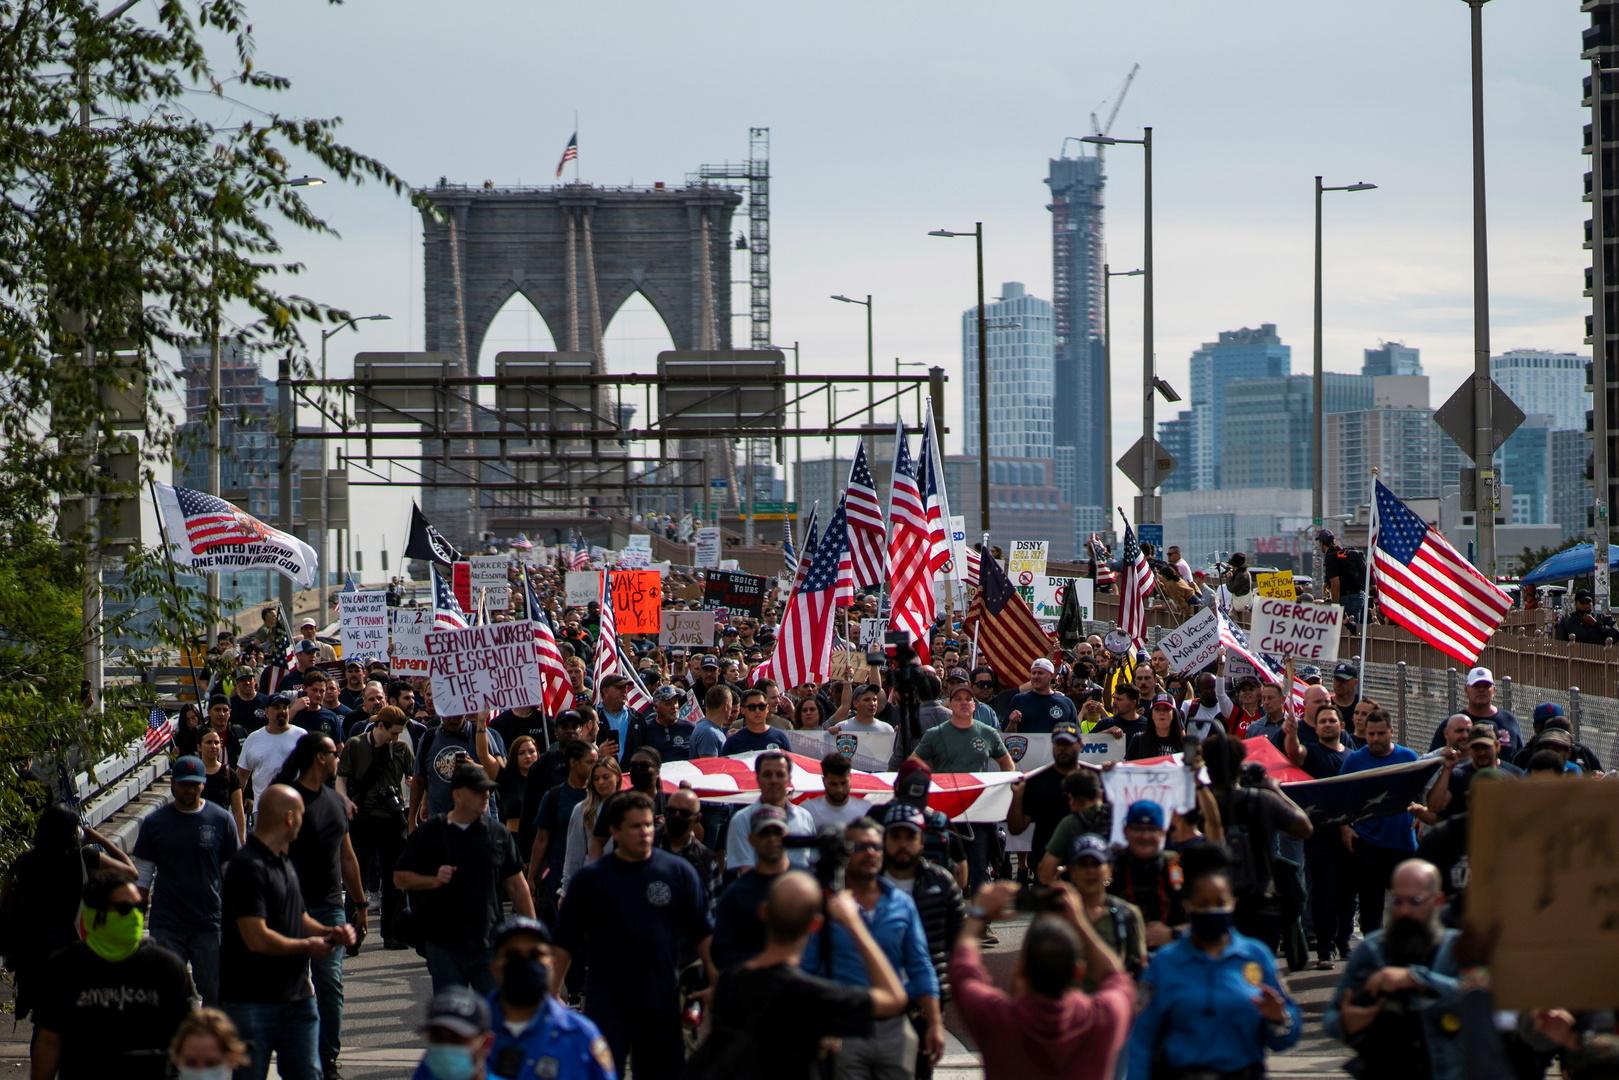 الولايات المتحدة.. إغلاق جسر بروكلين إثر احتجاجات مناهضة للتطعيم (فيديو)